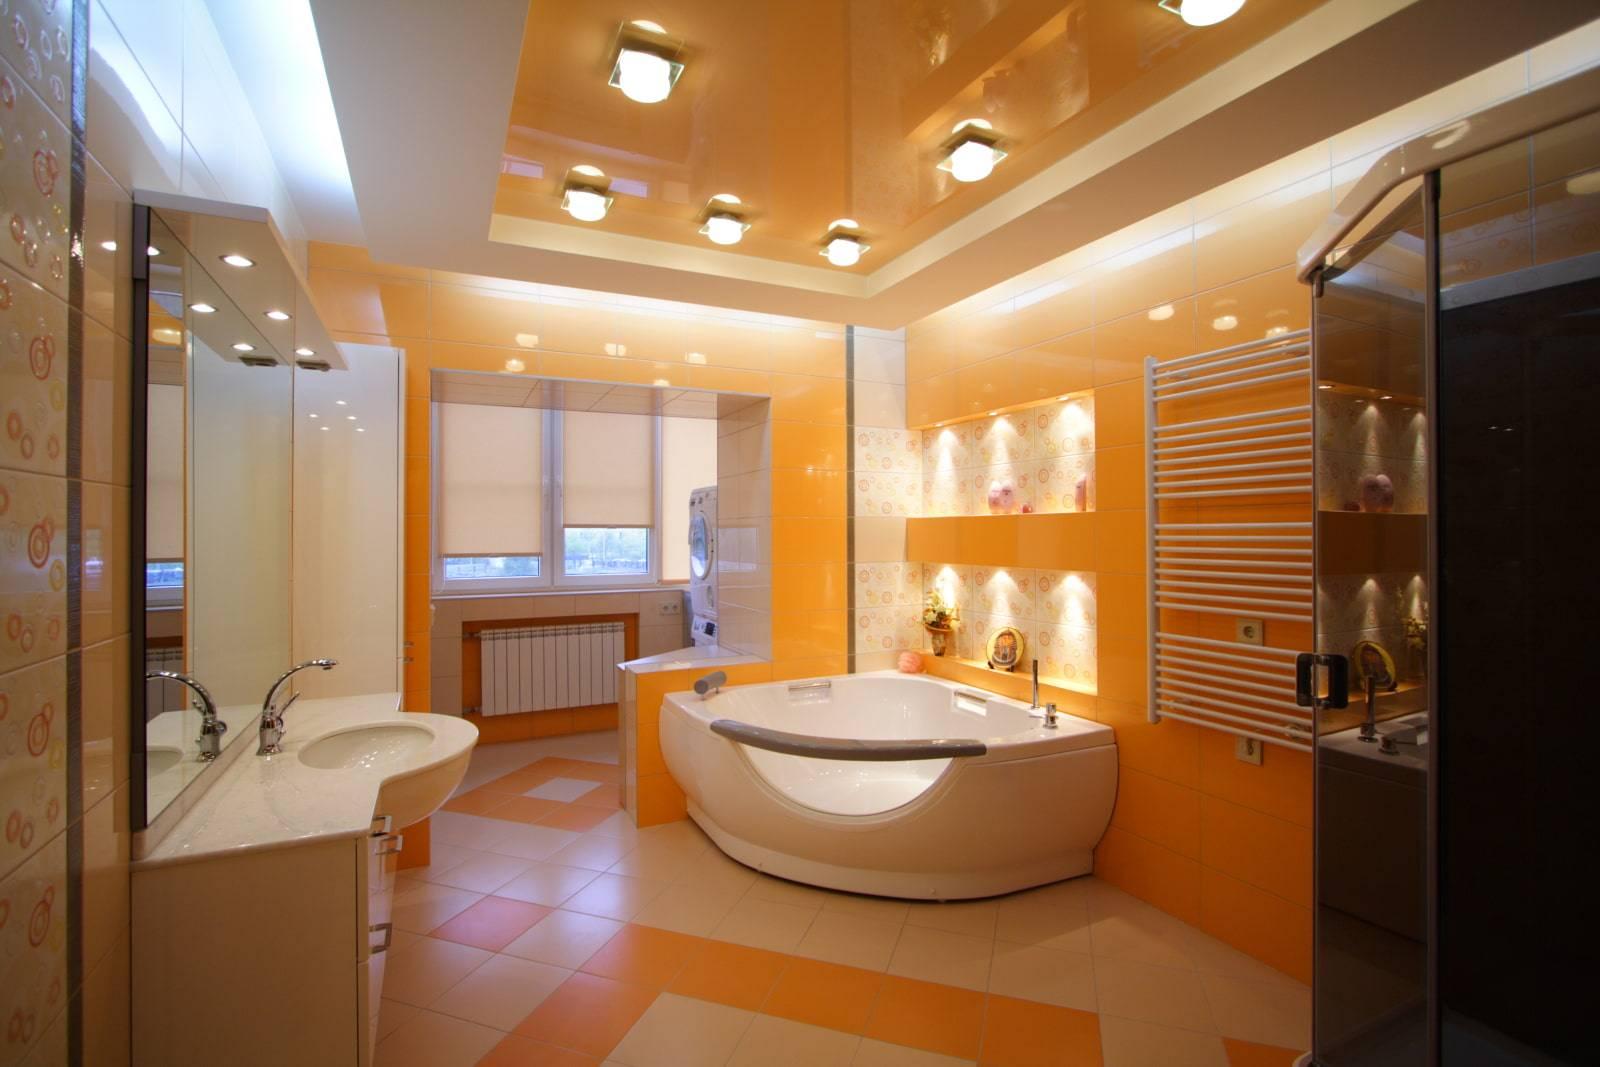 Освещение в ванной комнате: советы по выбору, расположение, идеи дизайна